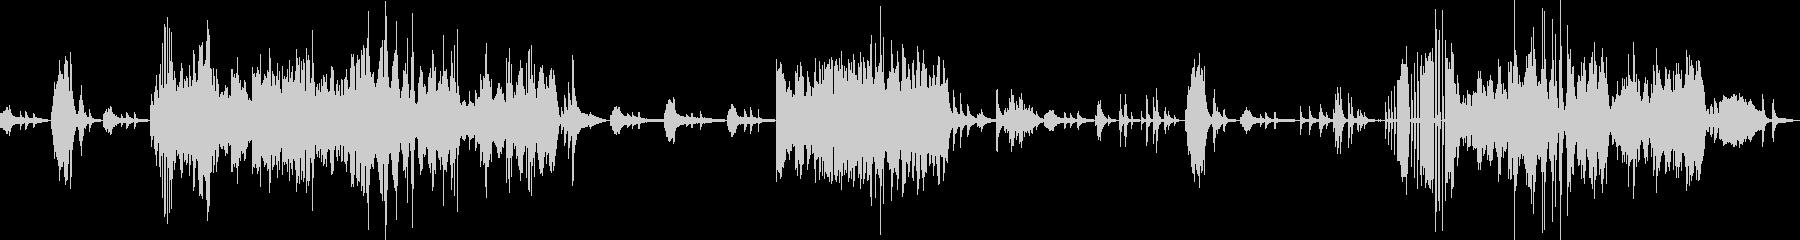 ベートーヴェン ピアノソナタ テンペストの未再生の波形